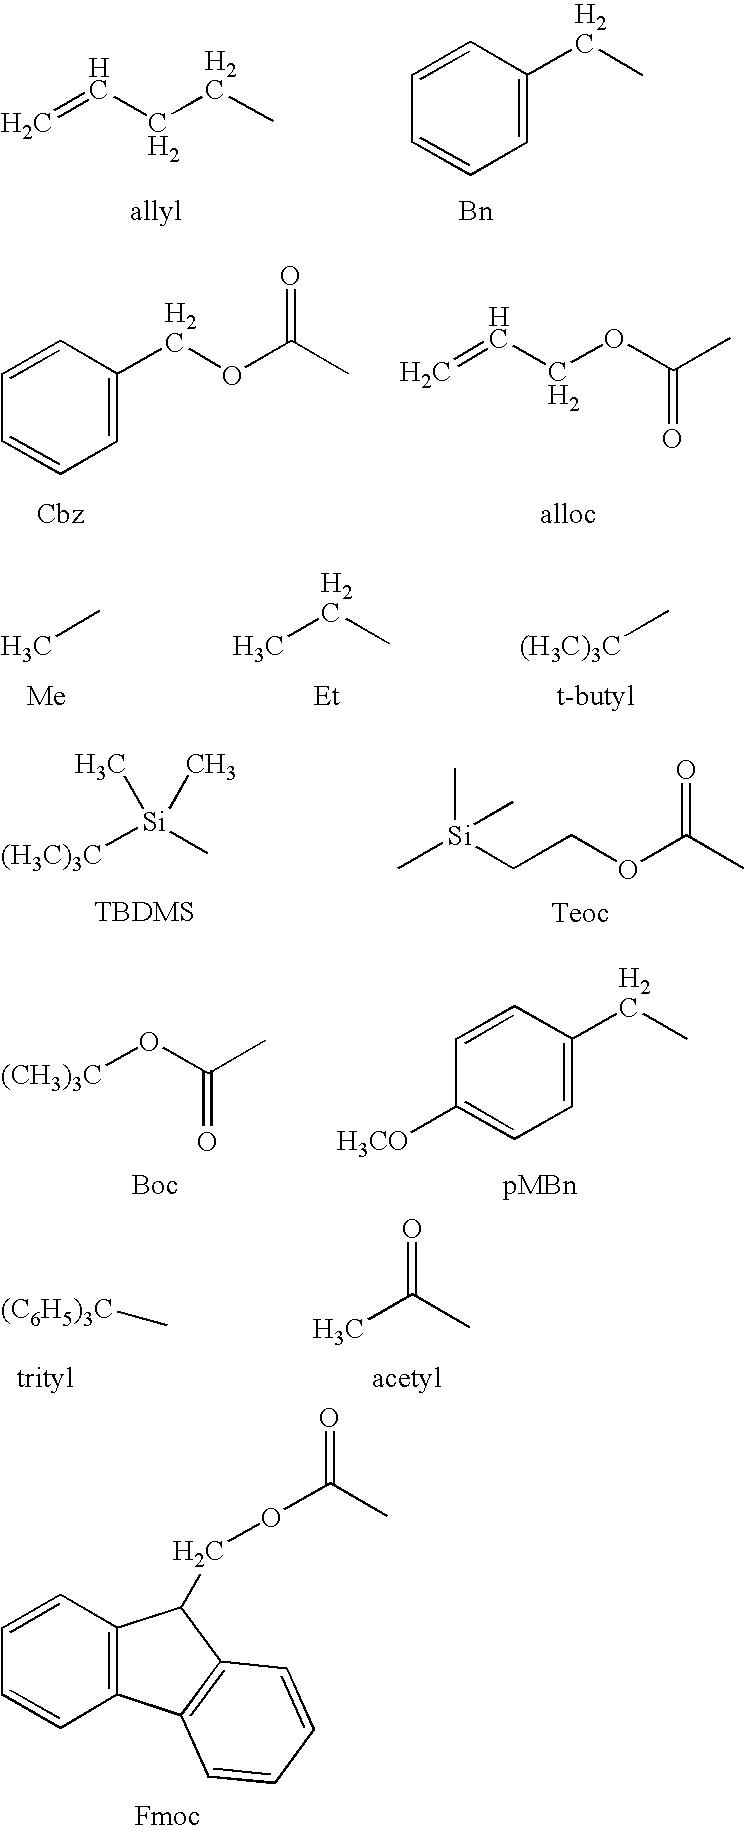 Figure US07638299-20091229-C00004